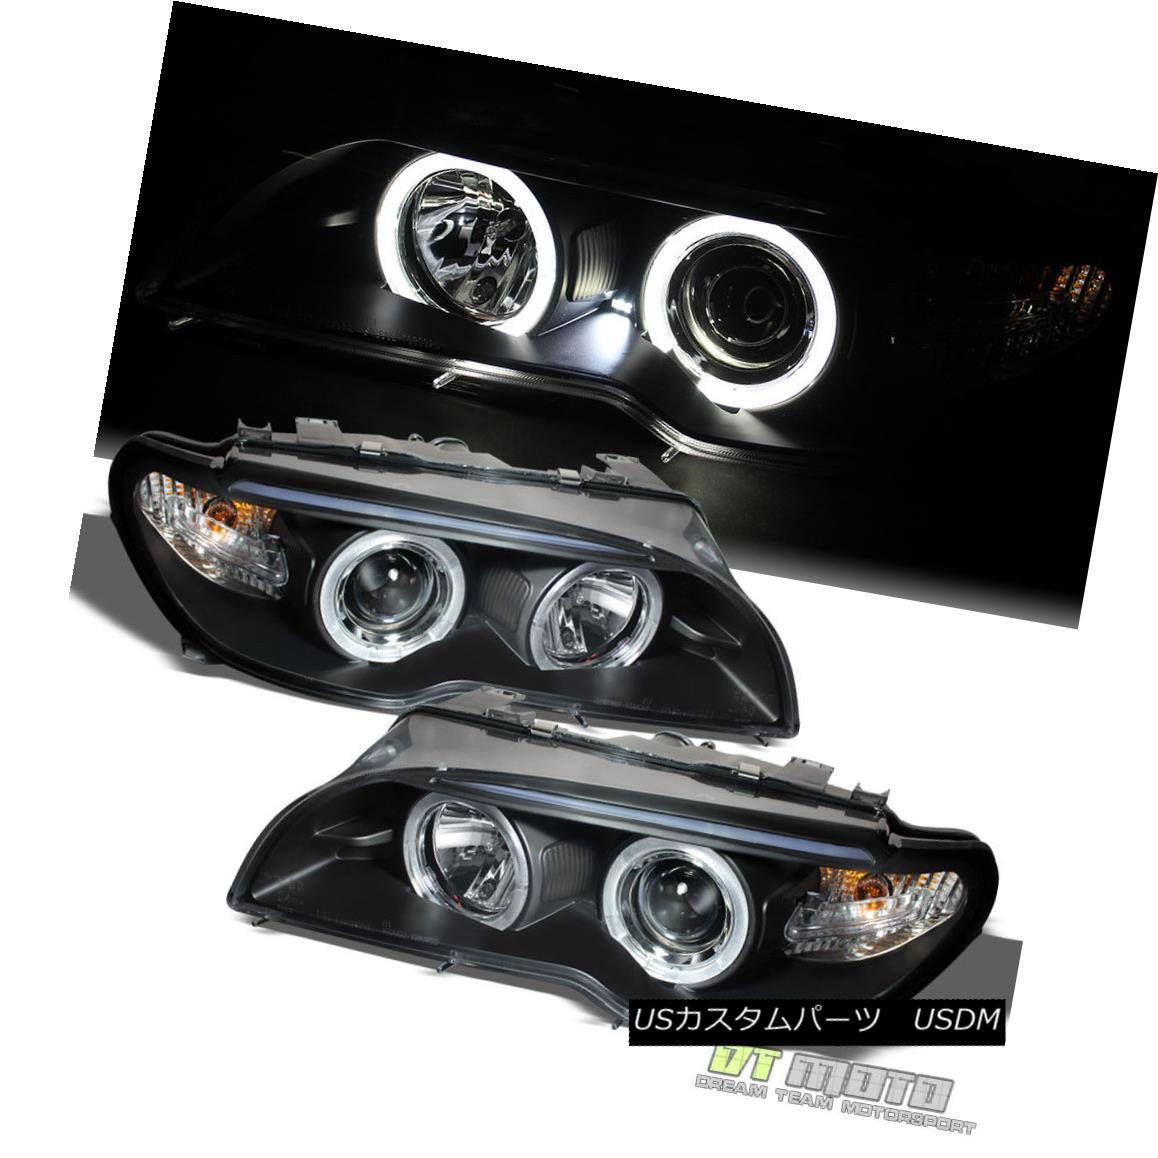 ヘッドライト Black 2004-2006 BMW E46 3-Series Coupe LED Halo Projector Headlights w/ Corner ブラック2004-2006 BMW E46 3シリーズクーペLEDハロープロジェクターヘッドライト(コーナー付)